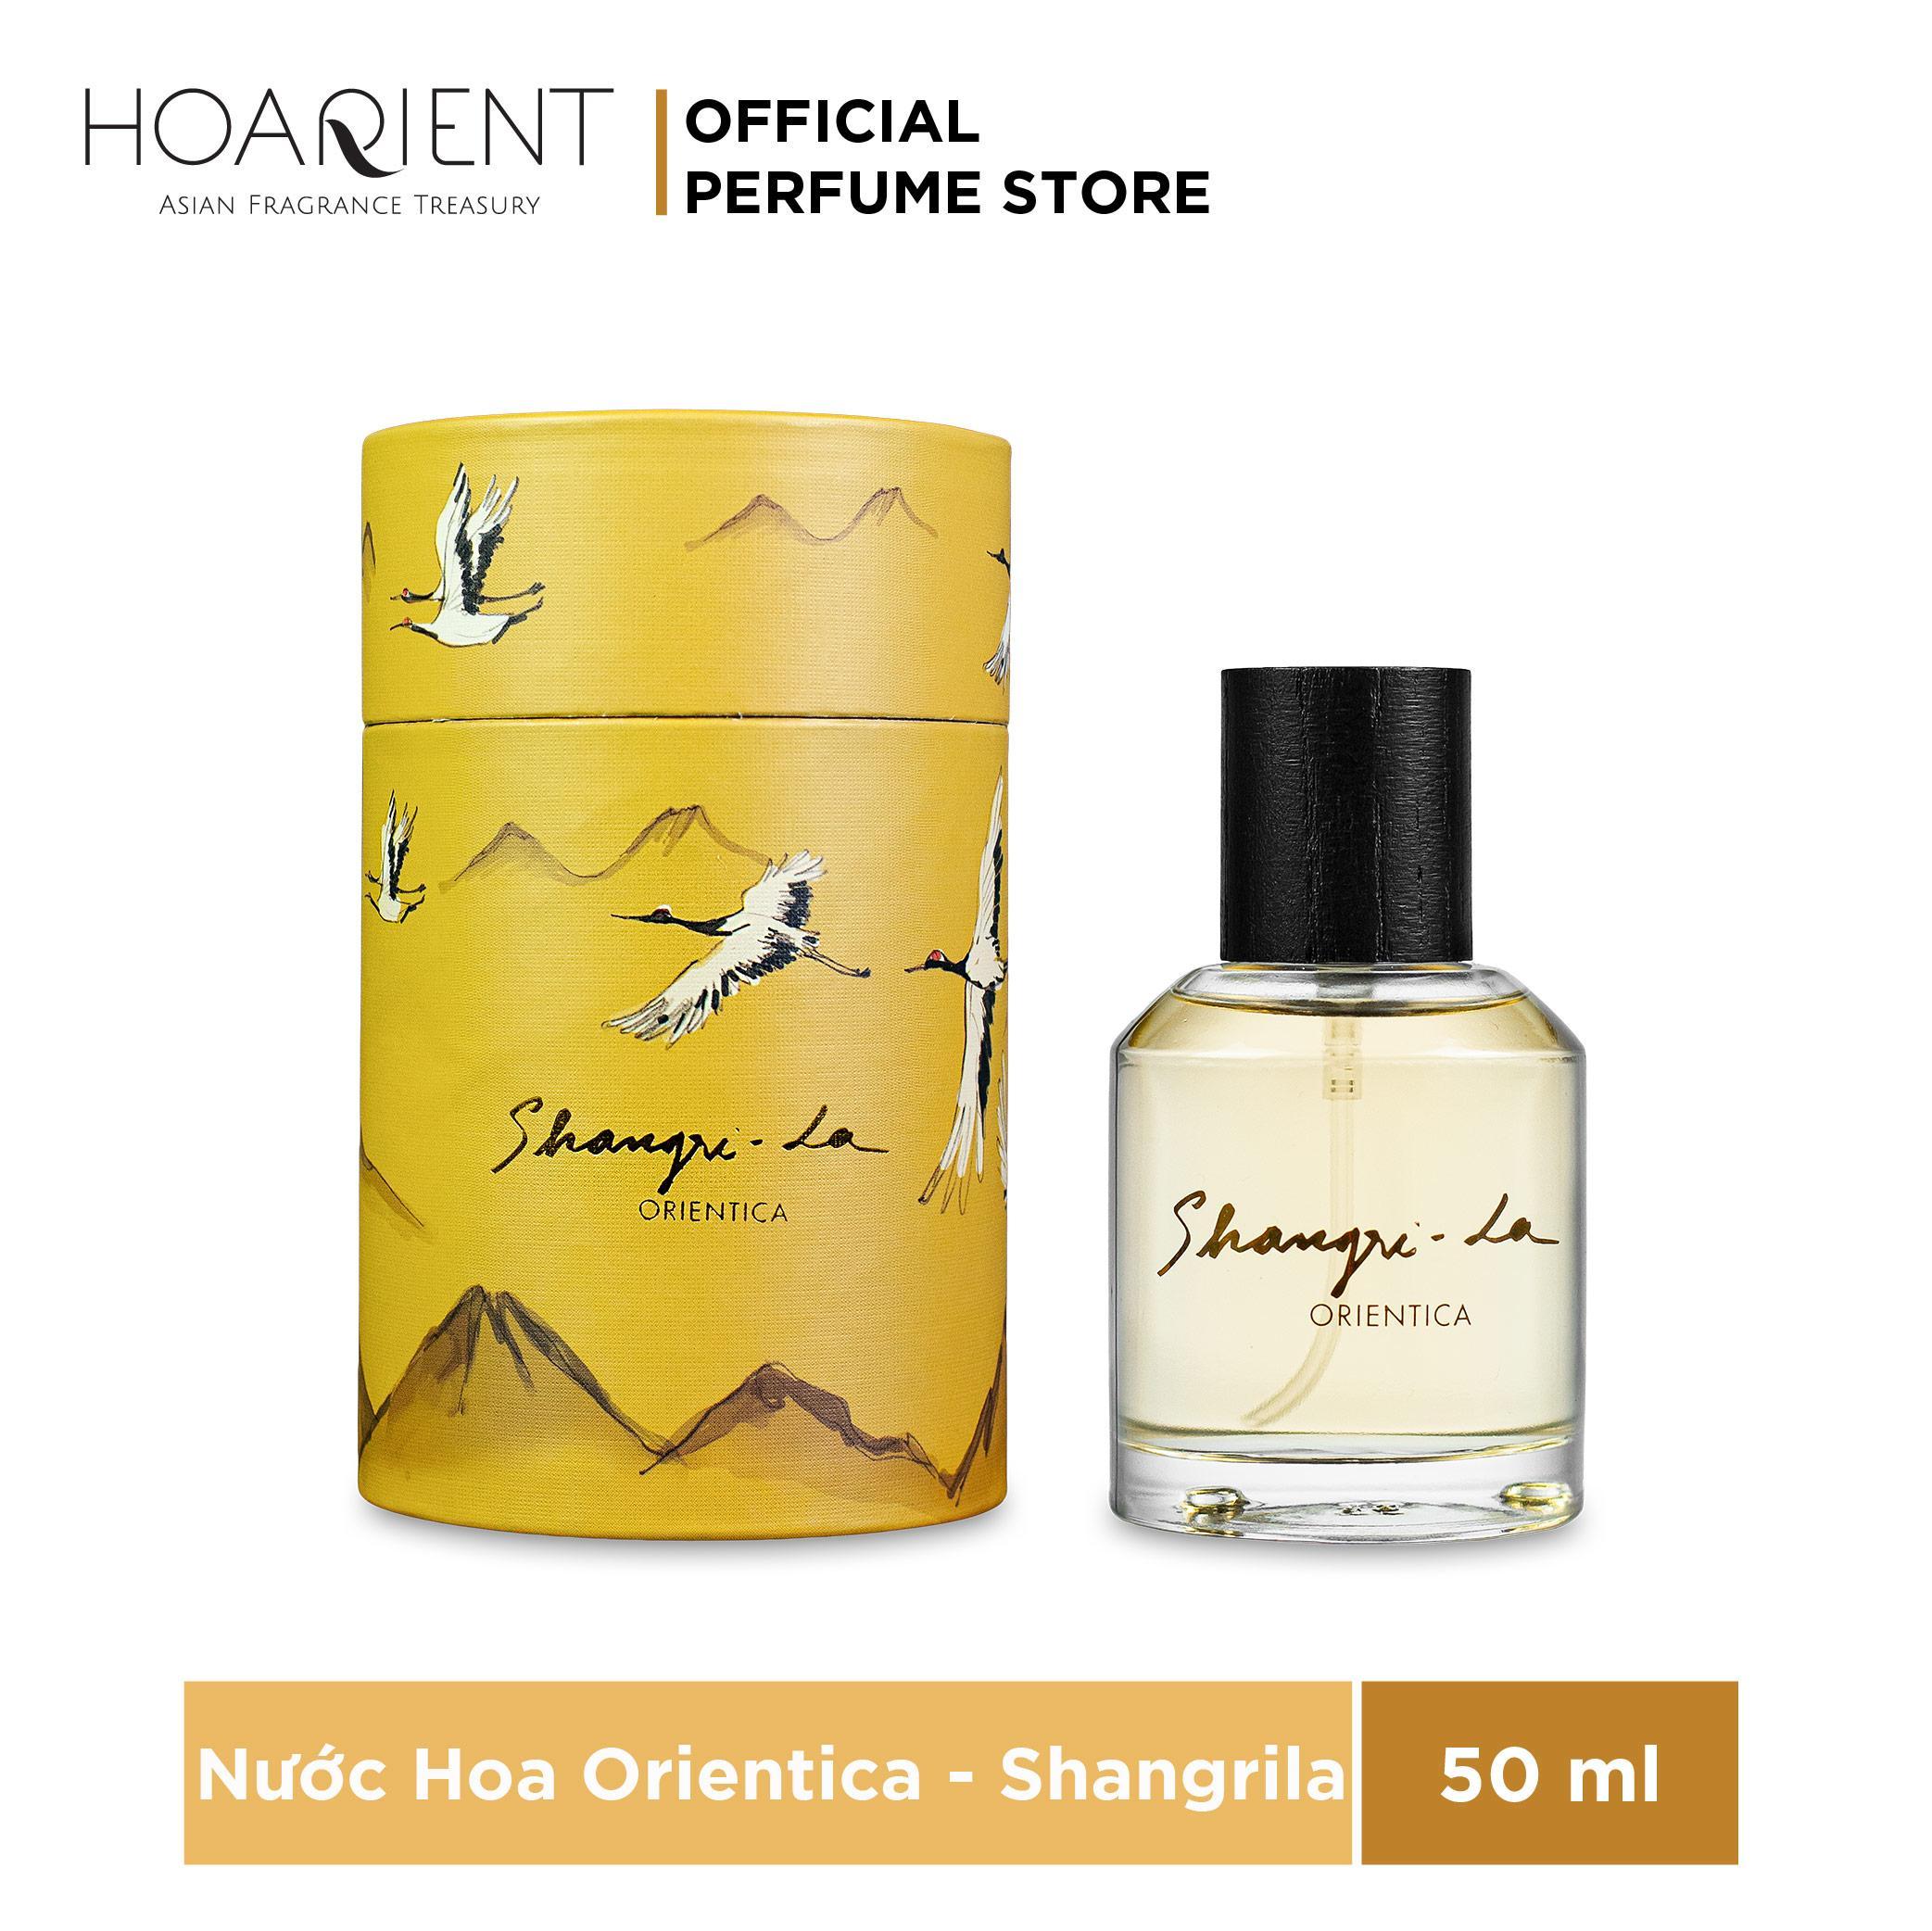 Nước Hoa Orientica Cao Cấp - Shangri-La 50ml